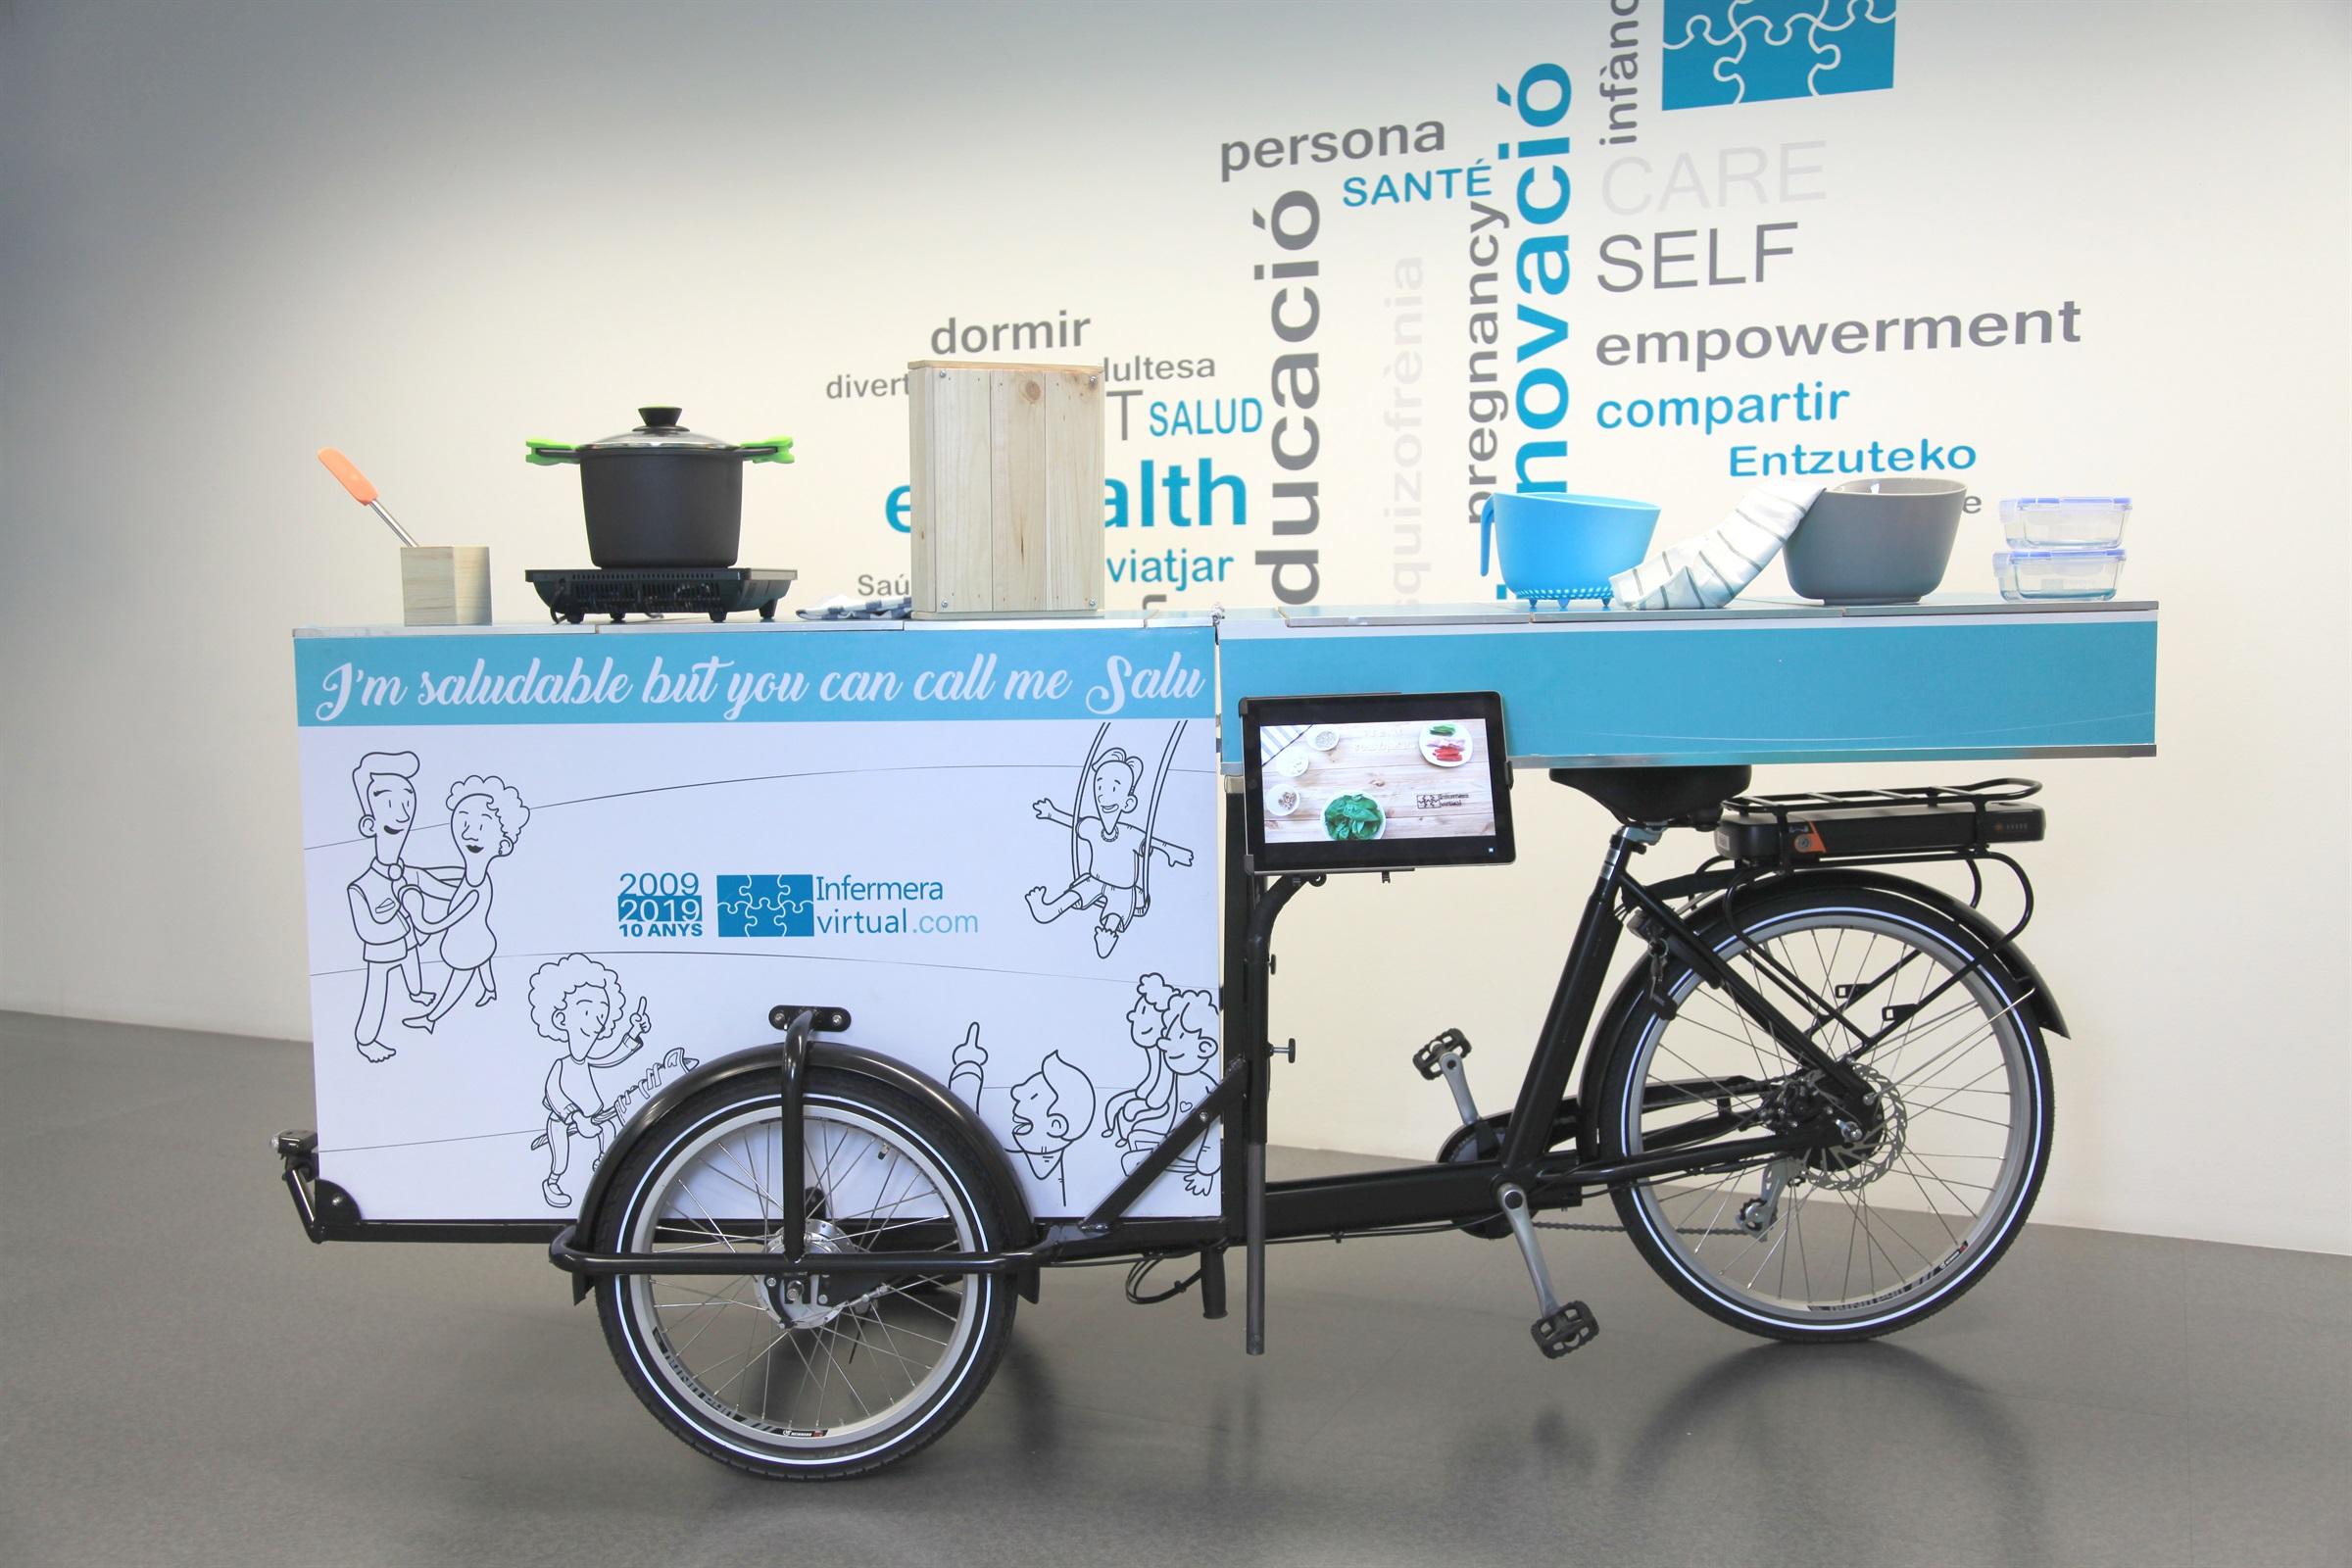 """Nova parada dels tallers i activitats de la bicicleta itinerant """"la Salu"""" d'Infermera virtual a la Universitat de Barcelona"""